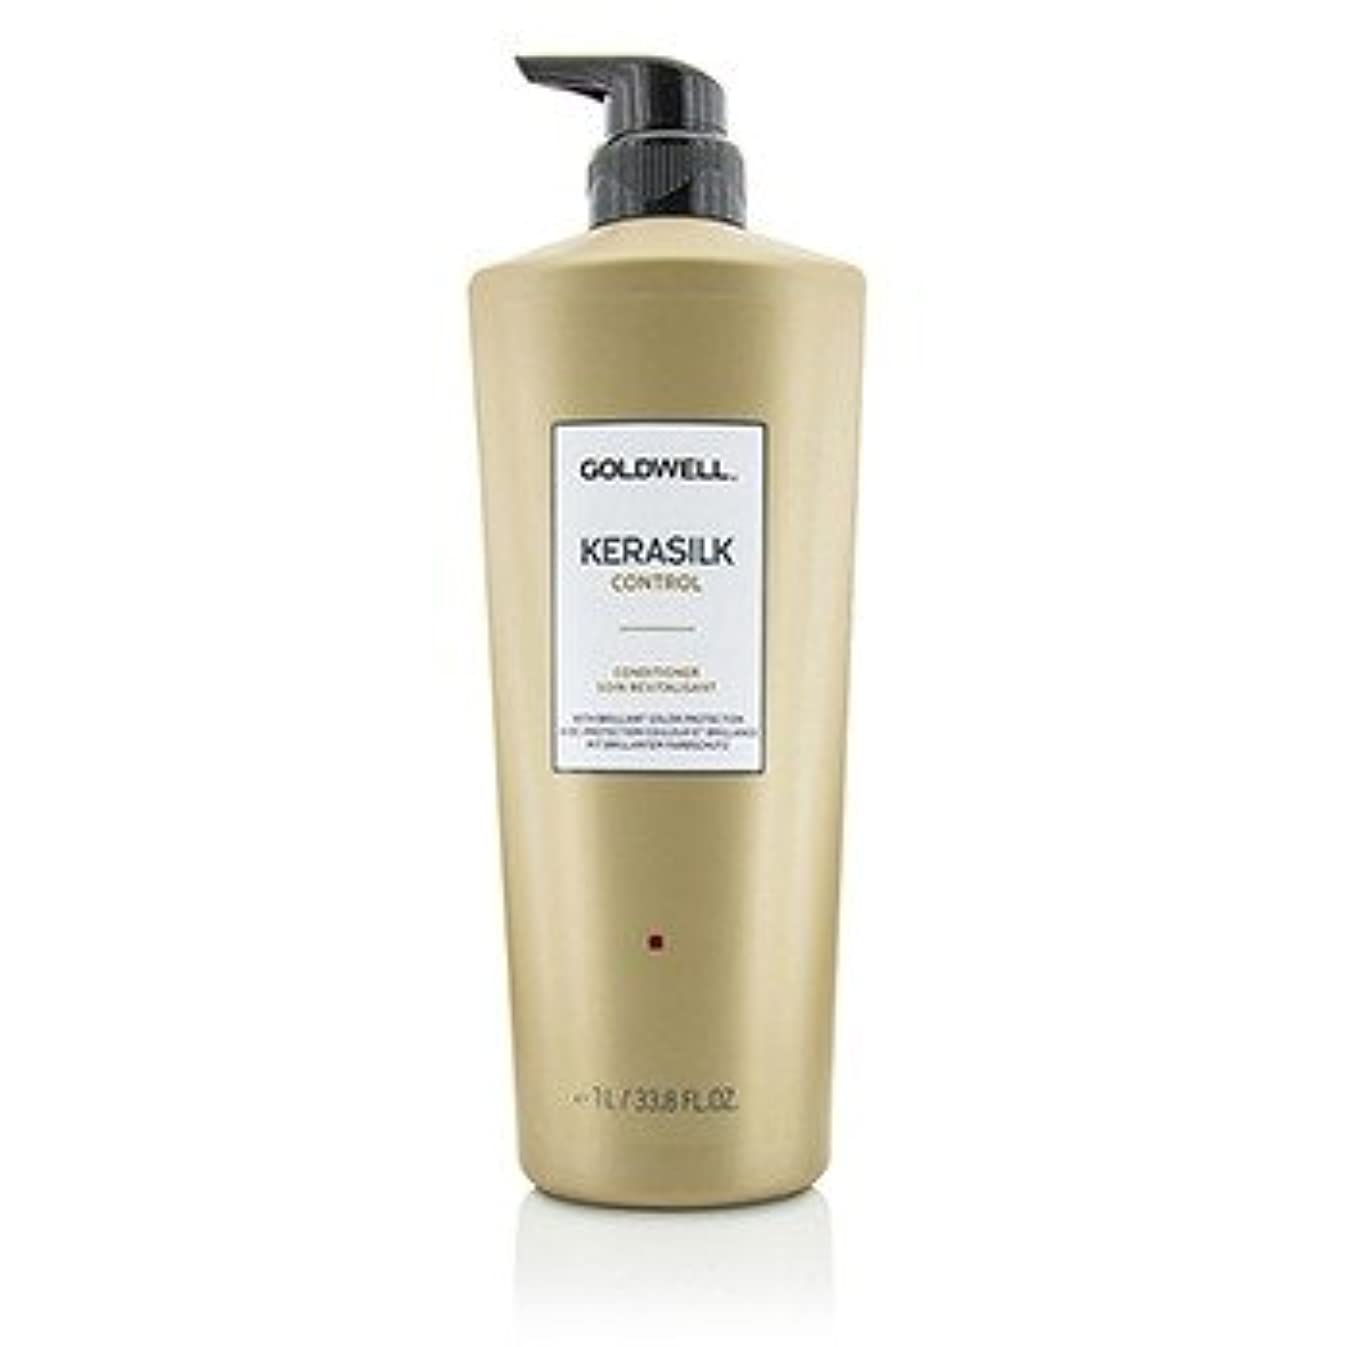 結論怪物高齢者[Goldwell] Kerasilk Control Conditioner (For Unmanageable Unruly and Frizzy Hair) 200ml/6.7oz